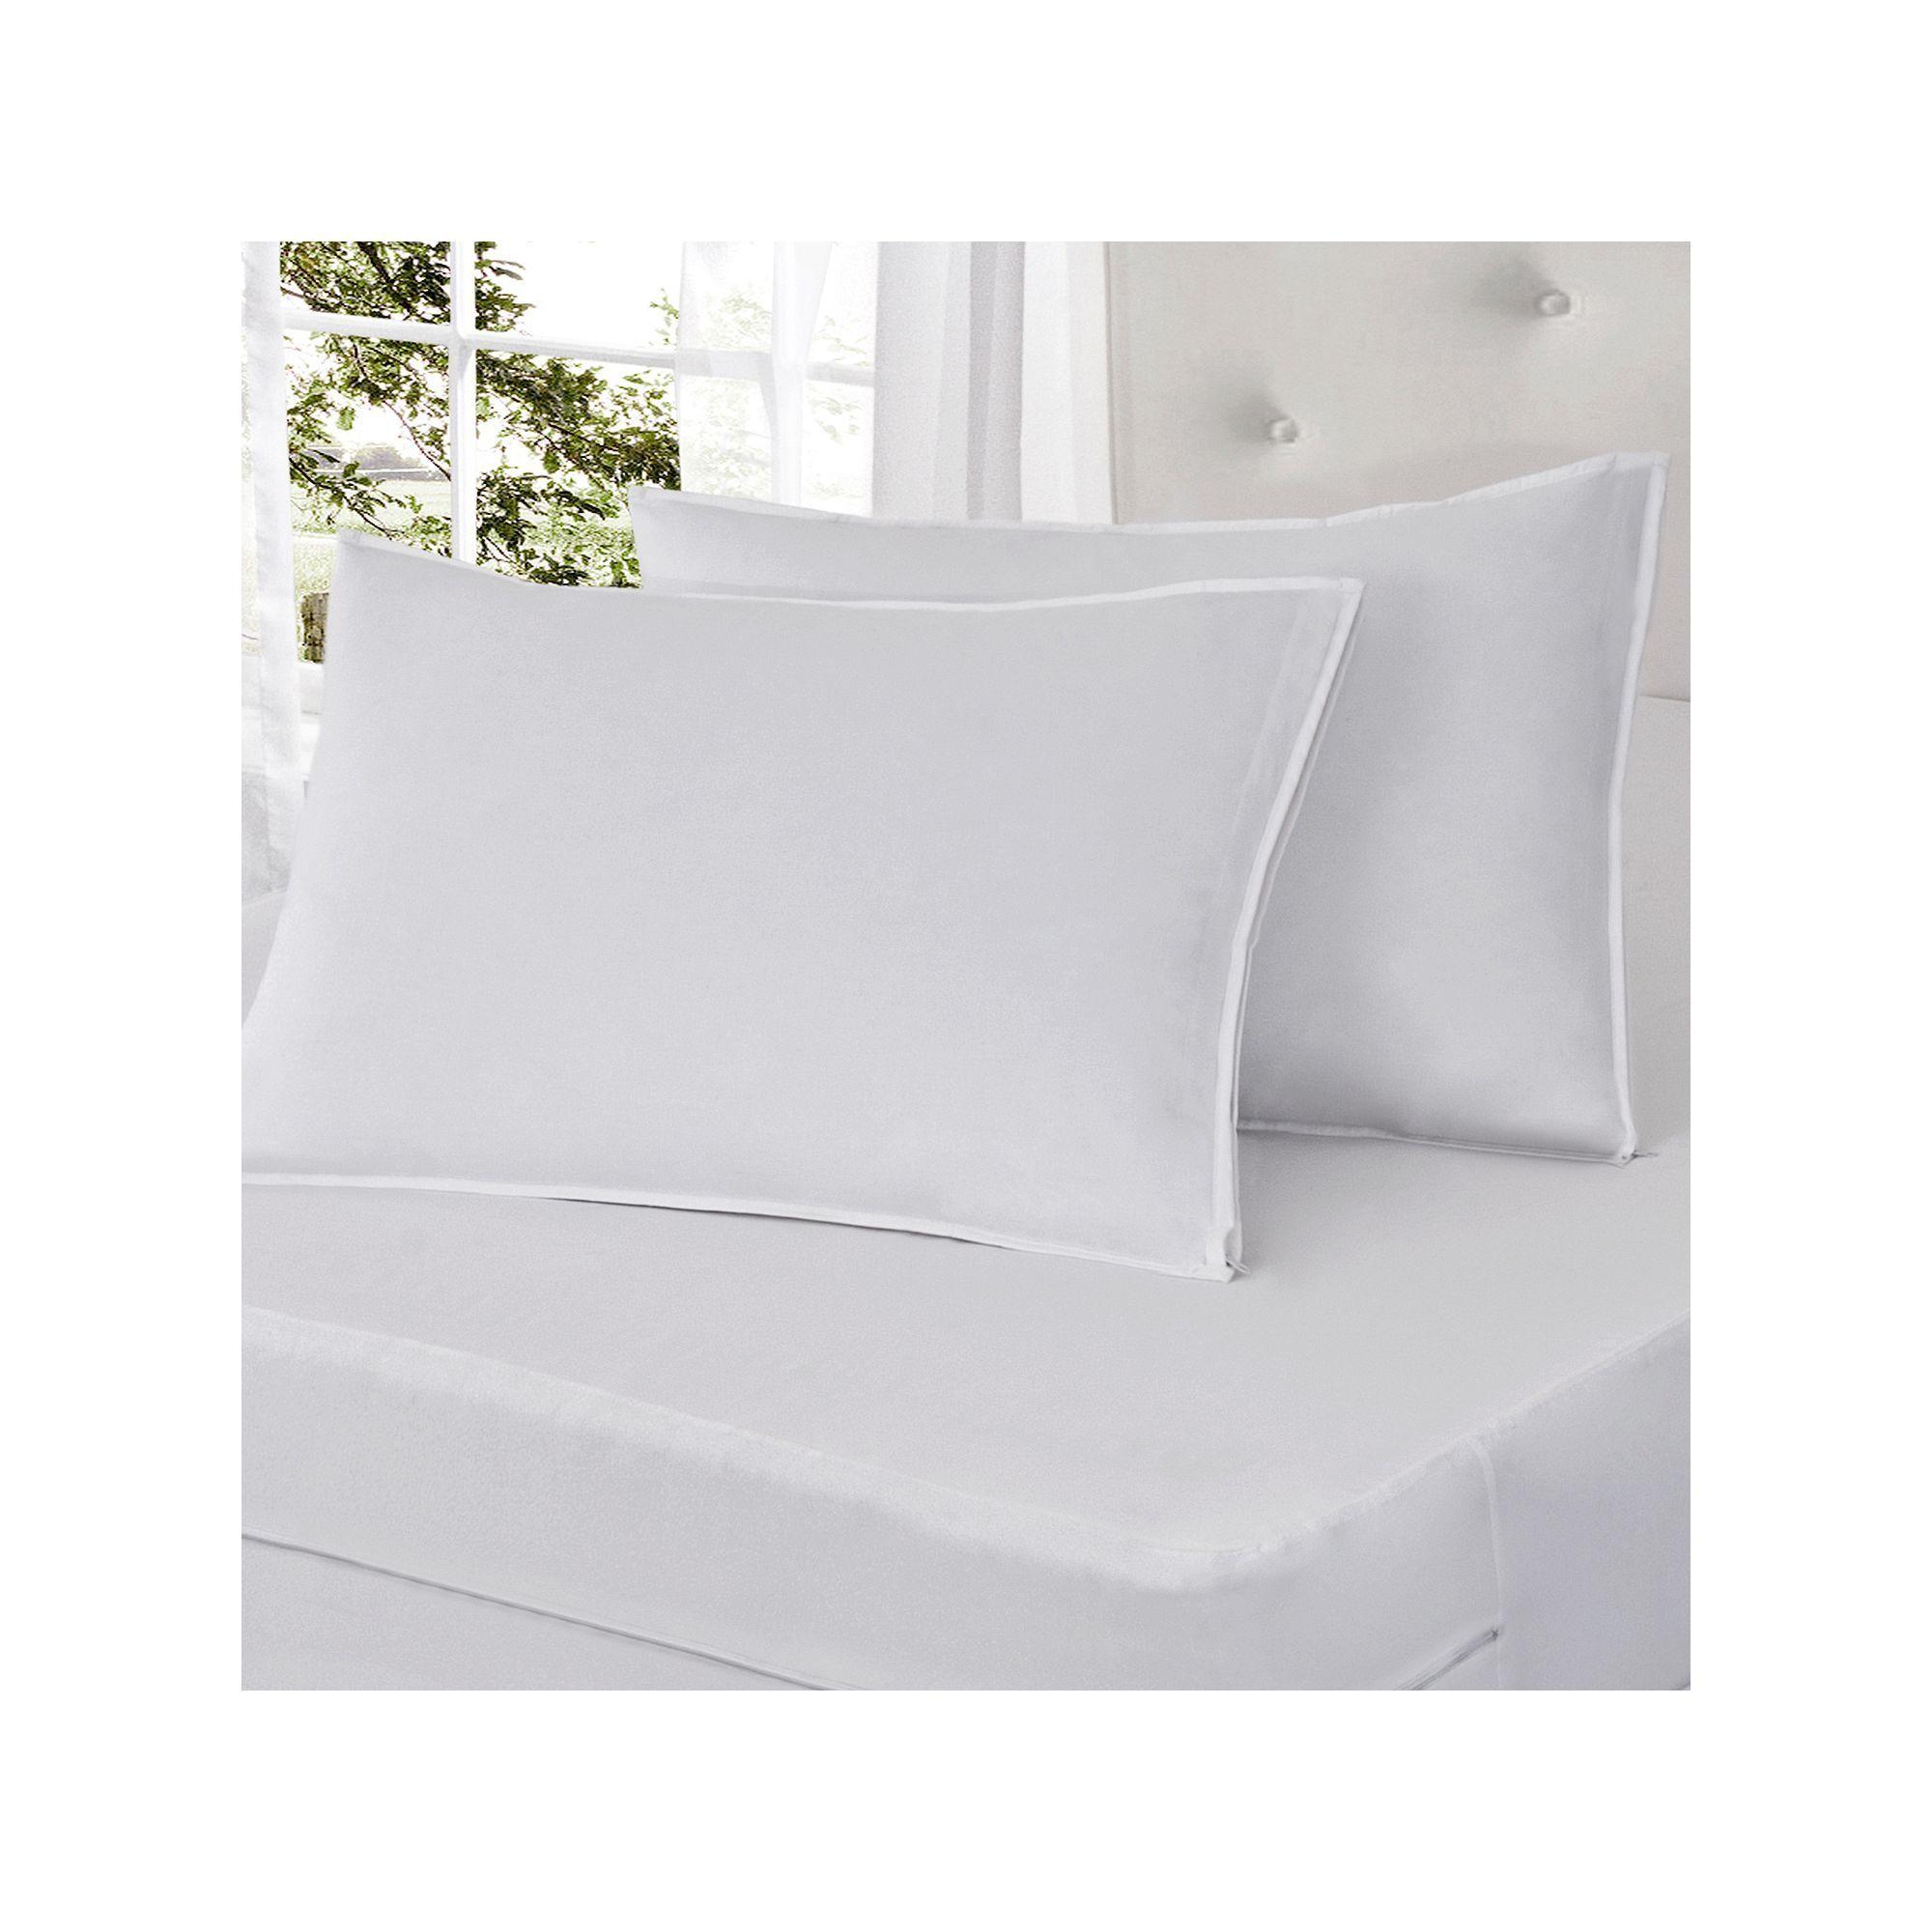 shop protectors flap introduces pillow with the premium envelope mart linen pillows